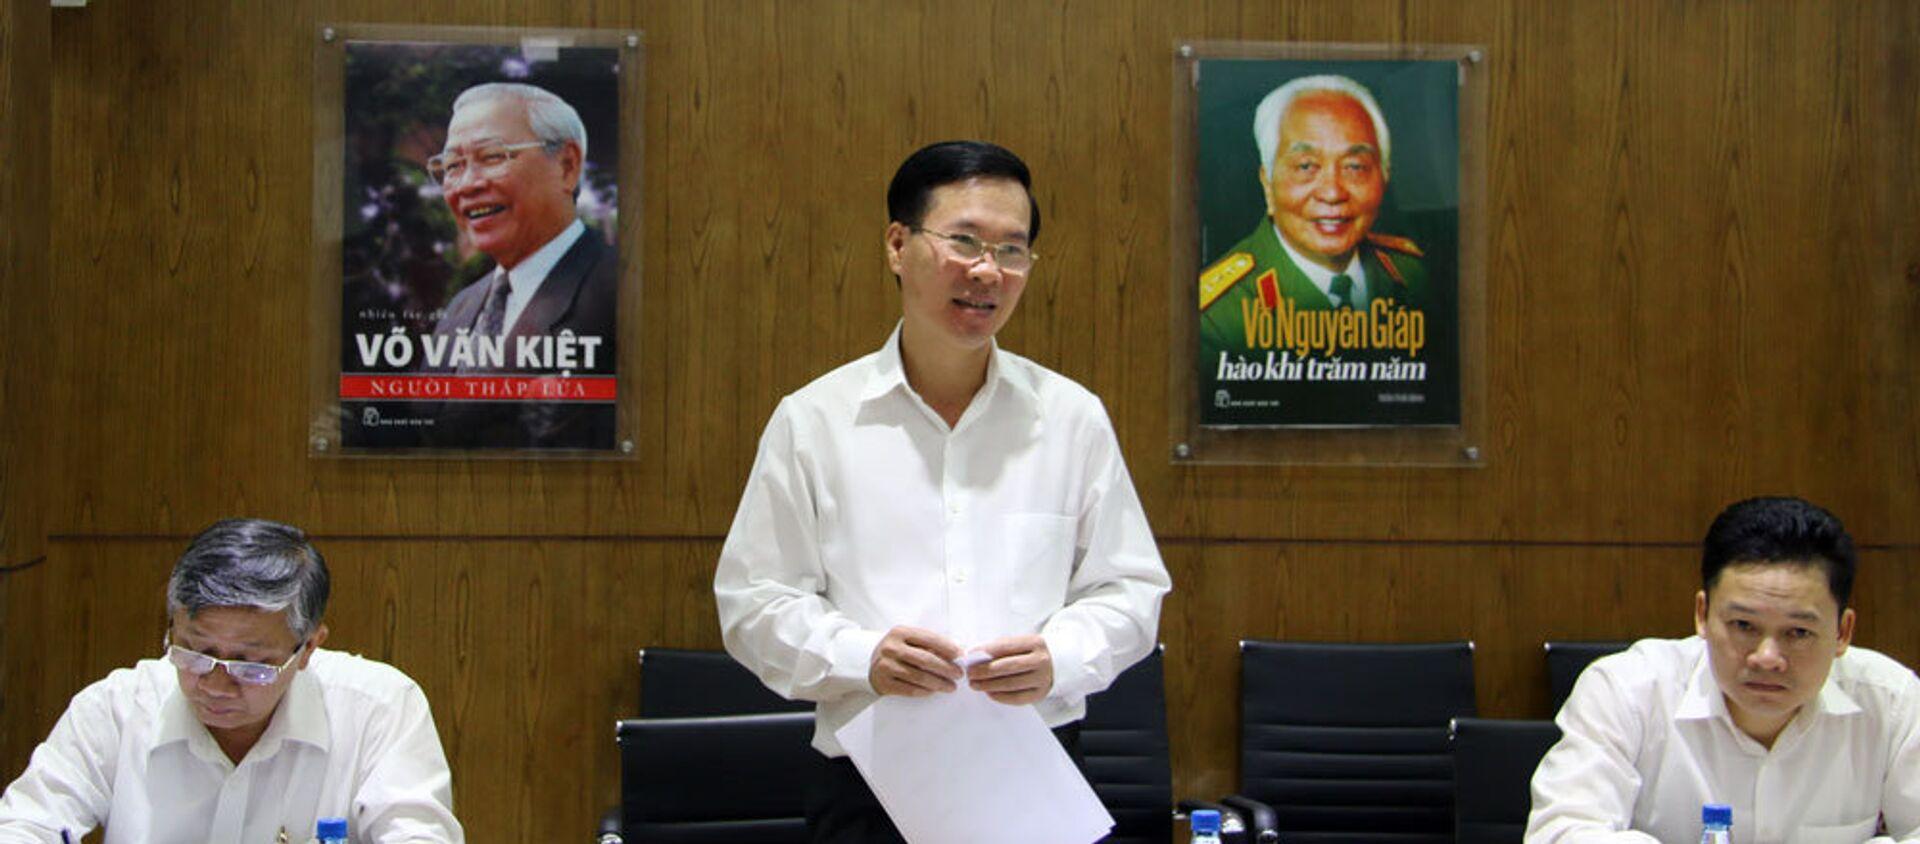 Ông Võ Văn Thưởng, Ủy viên Bộ Chính trị, Bí thư TƯ Đảng, Trưởng ban Tuyên giáo TƯ làm việc với Nhà xuất bản Trẻ - Sputnik Việt Nam, 1920, 09.02.2018